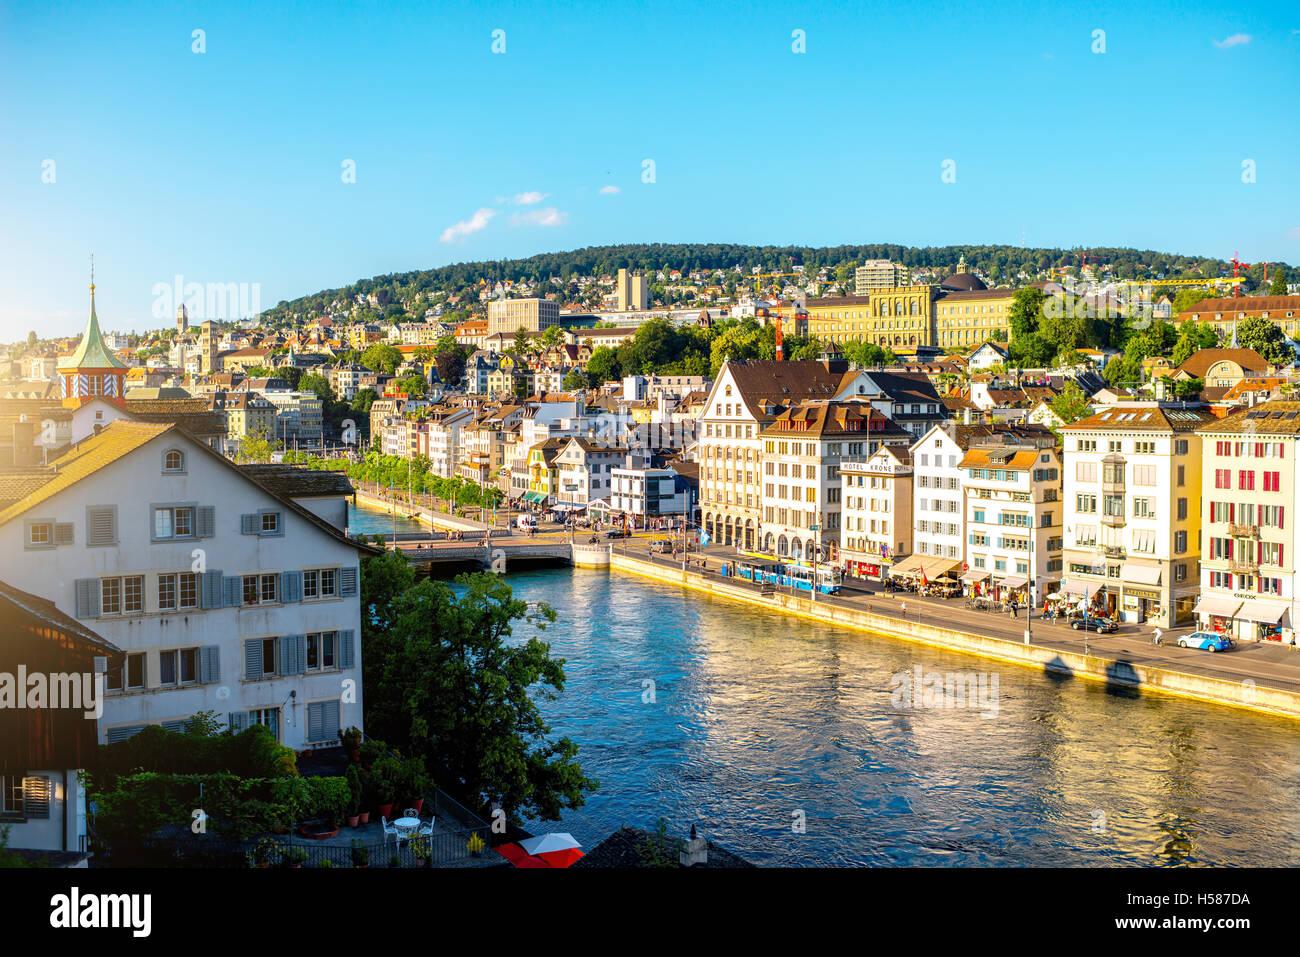 Zurigo Città in Svizzera Immagini Stock